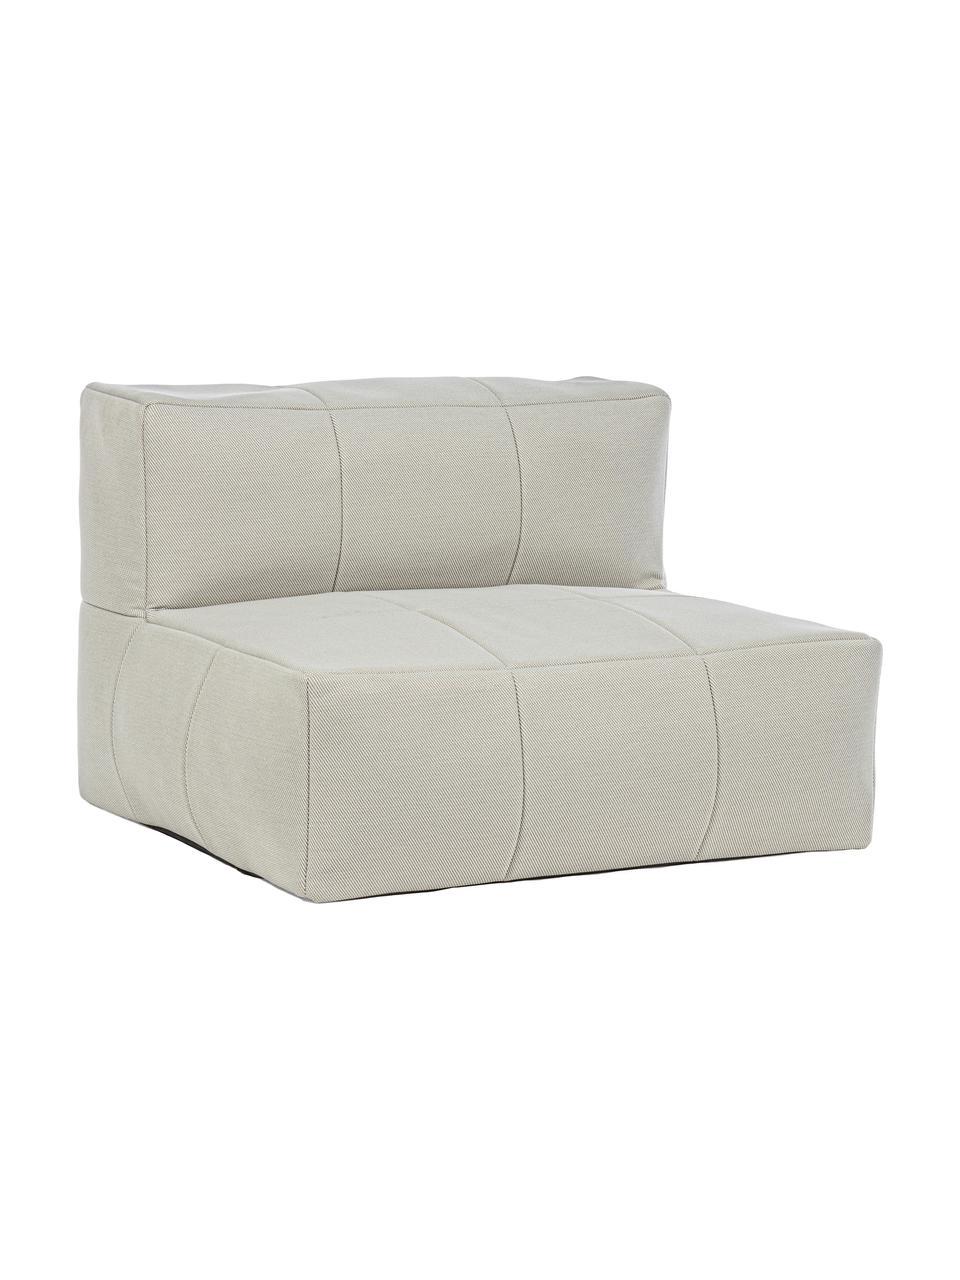 Fotel wypoczynkowy Sparrow, Tapicerka: 100% polipropylen, Stelaż: aluminium malowane proszk, Odcienie piaskowego, S 87 x W 64 cm